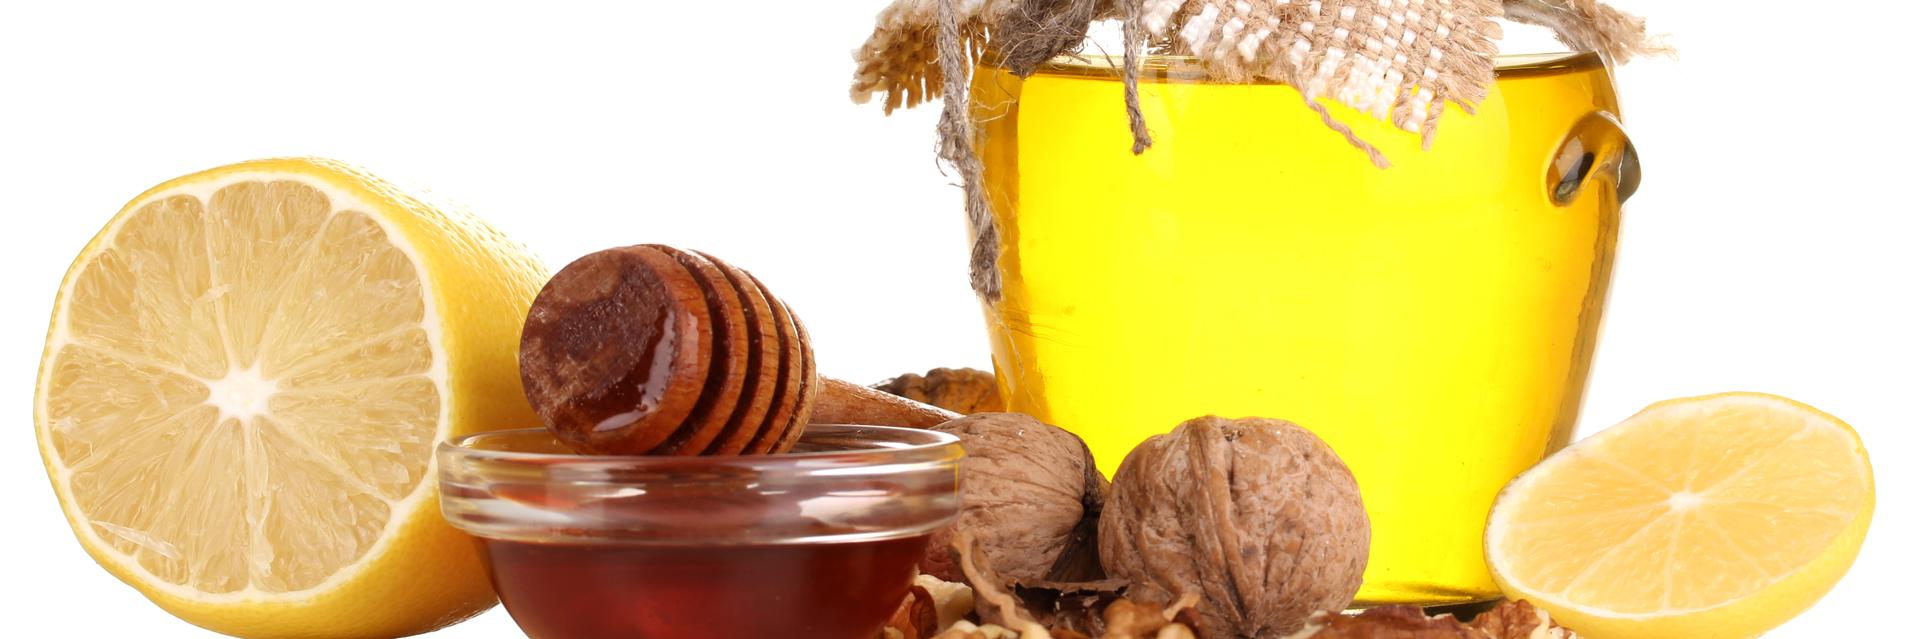 Poznaj skuteczne, domowe sposoby na grypę i przeziębienie